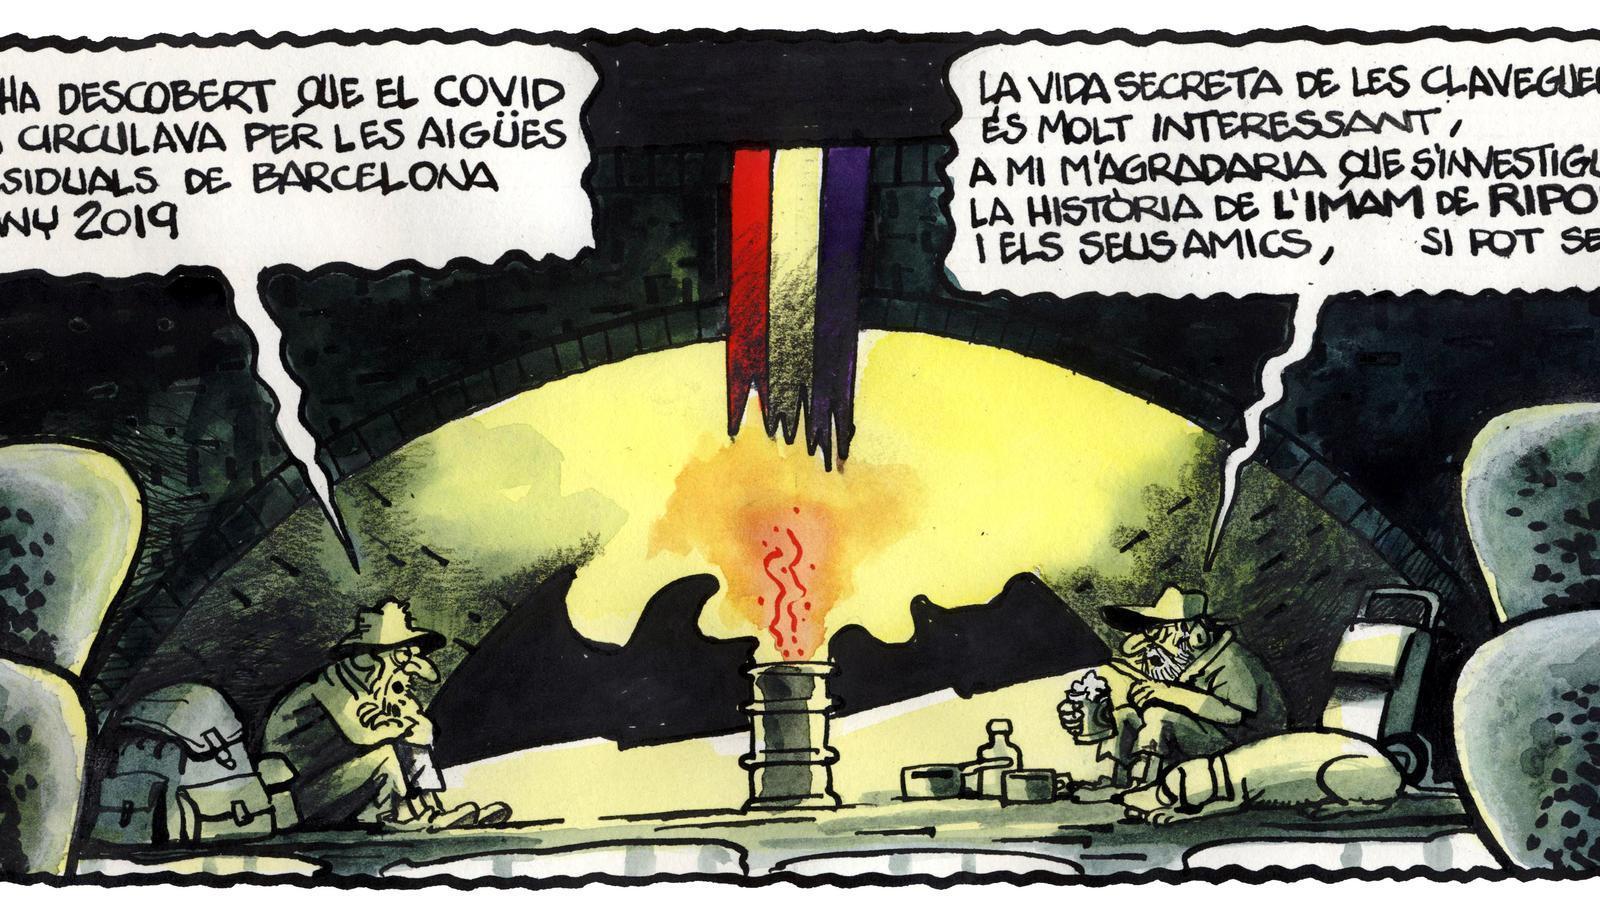 'A la contra', per Ferreres 04/07/2020